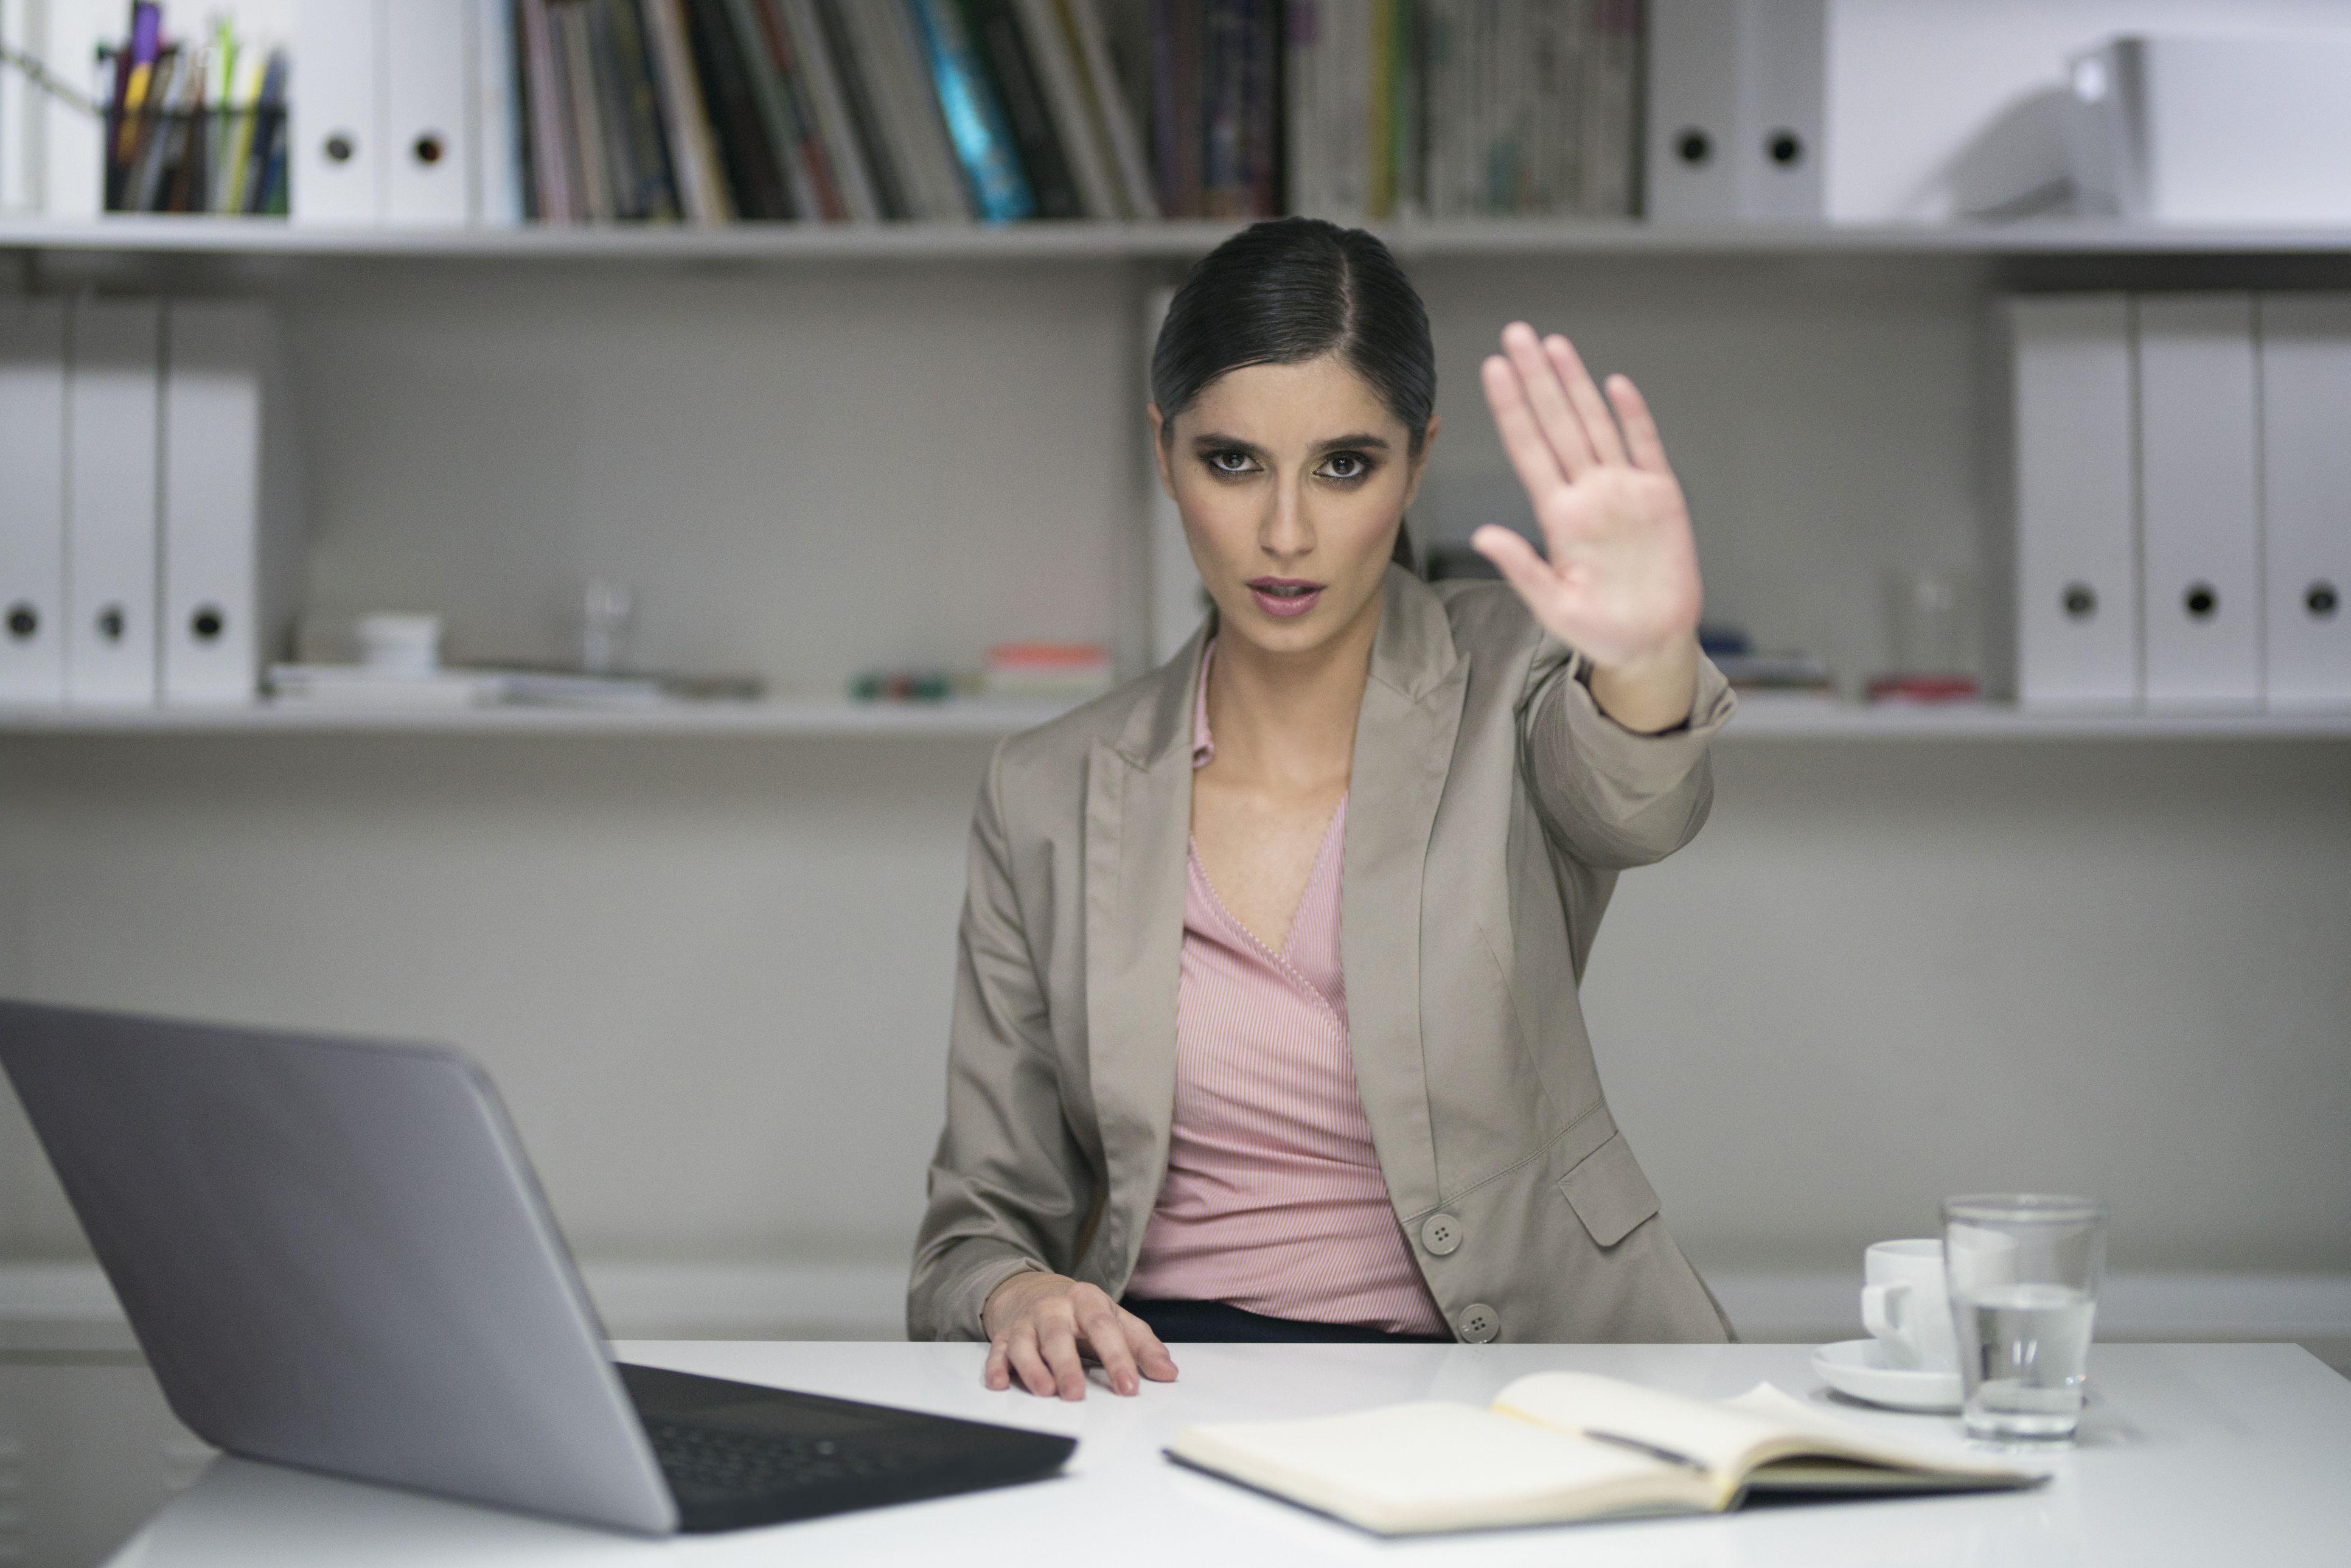 چرا کارمندان صادق و وفادار از مدیران خود ناراضی می شوند؟